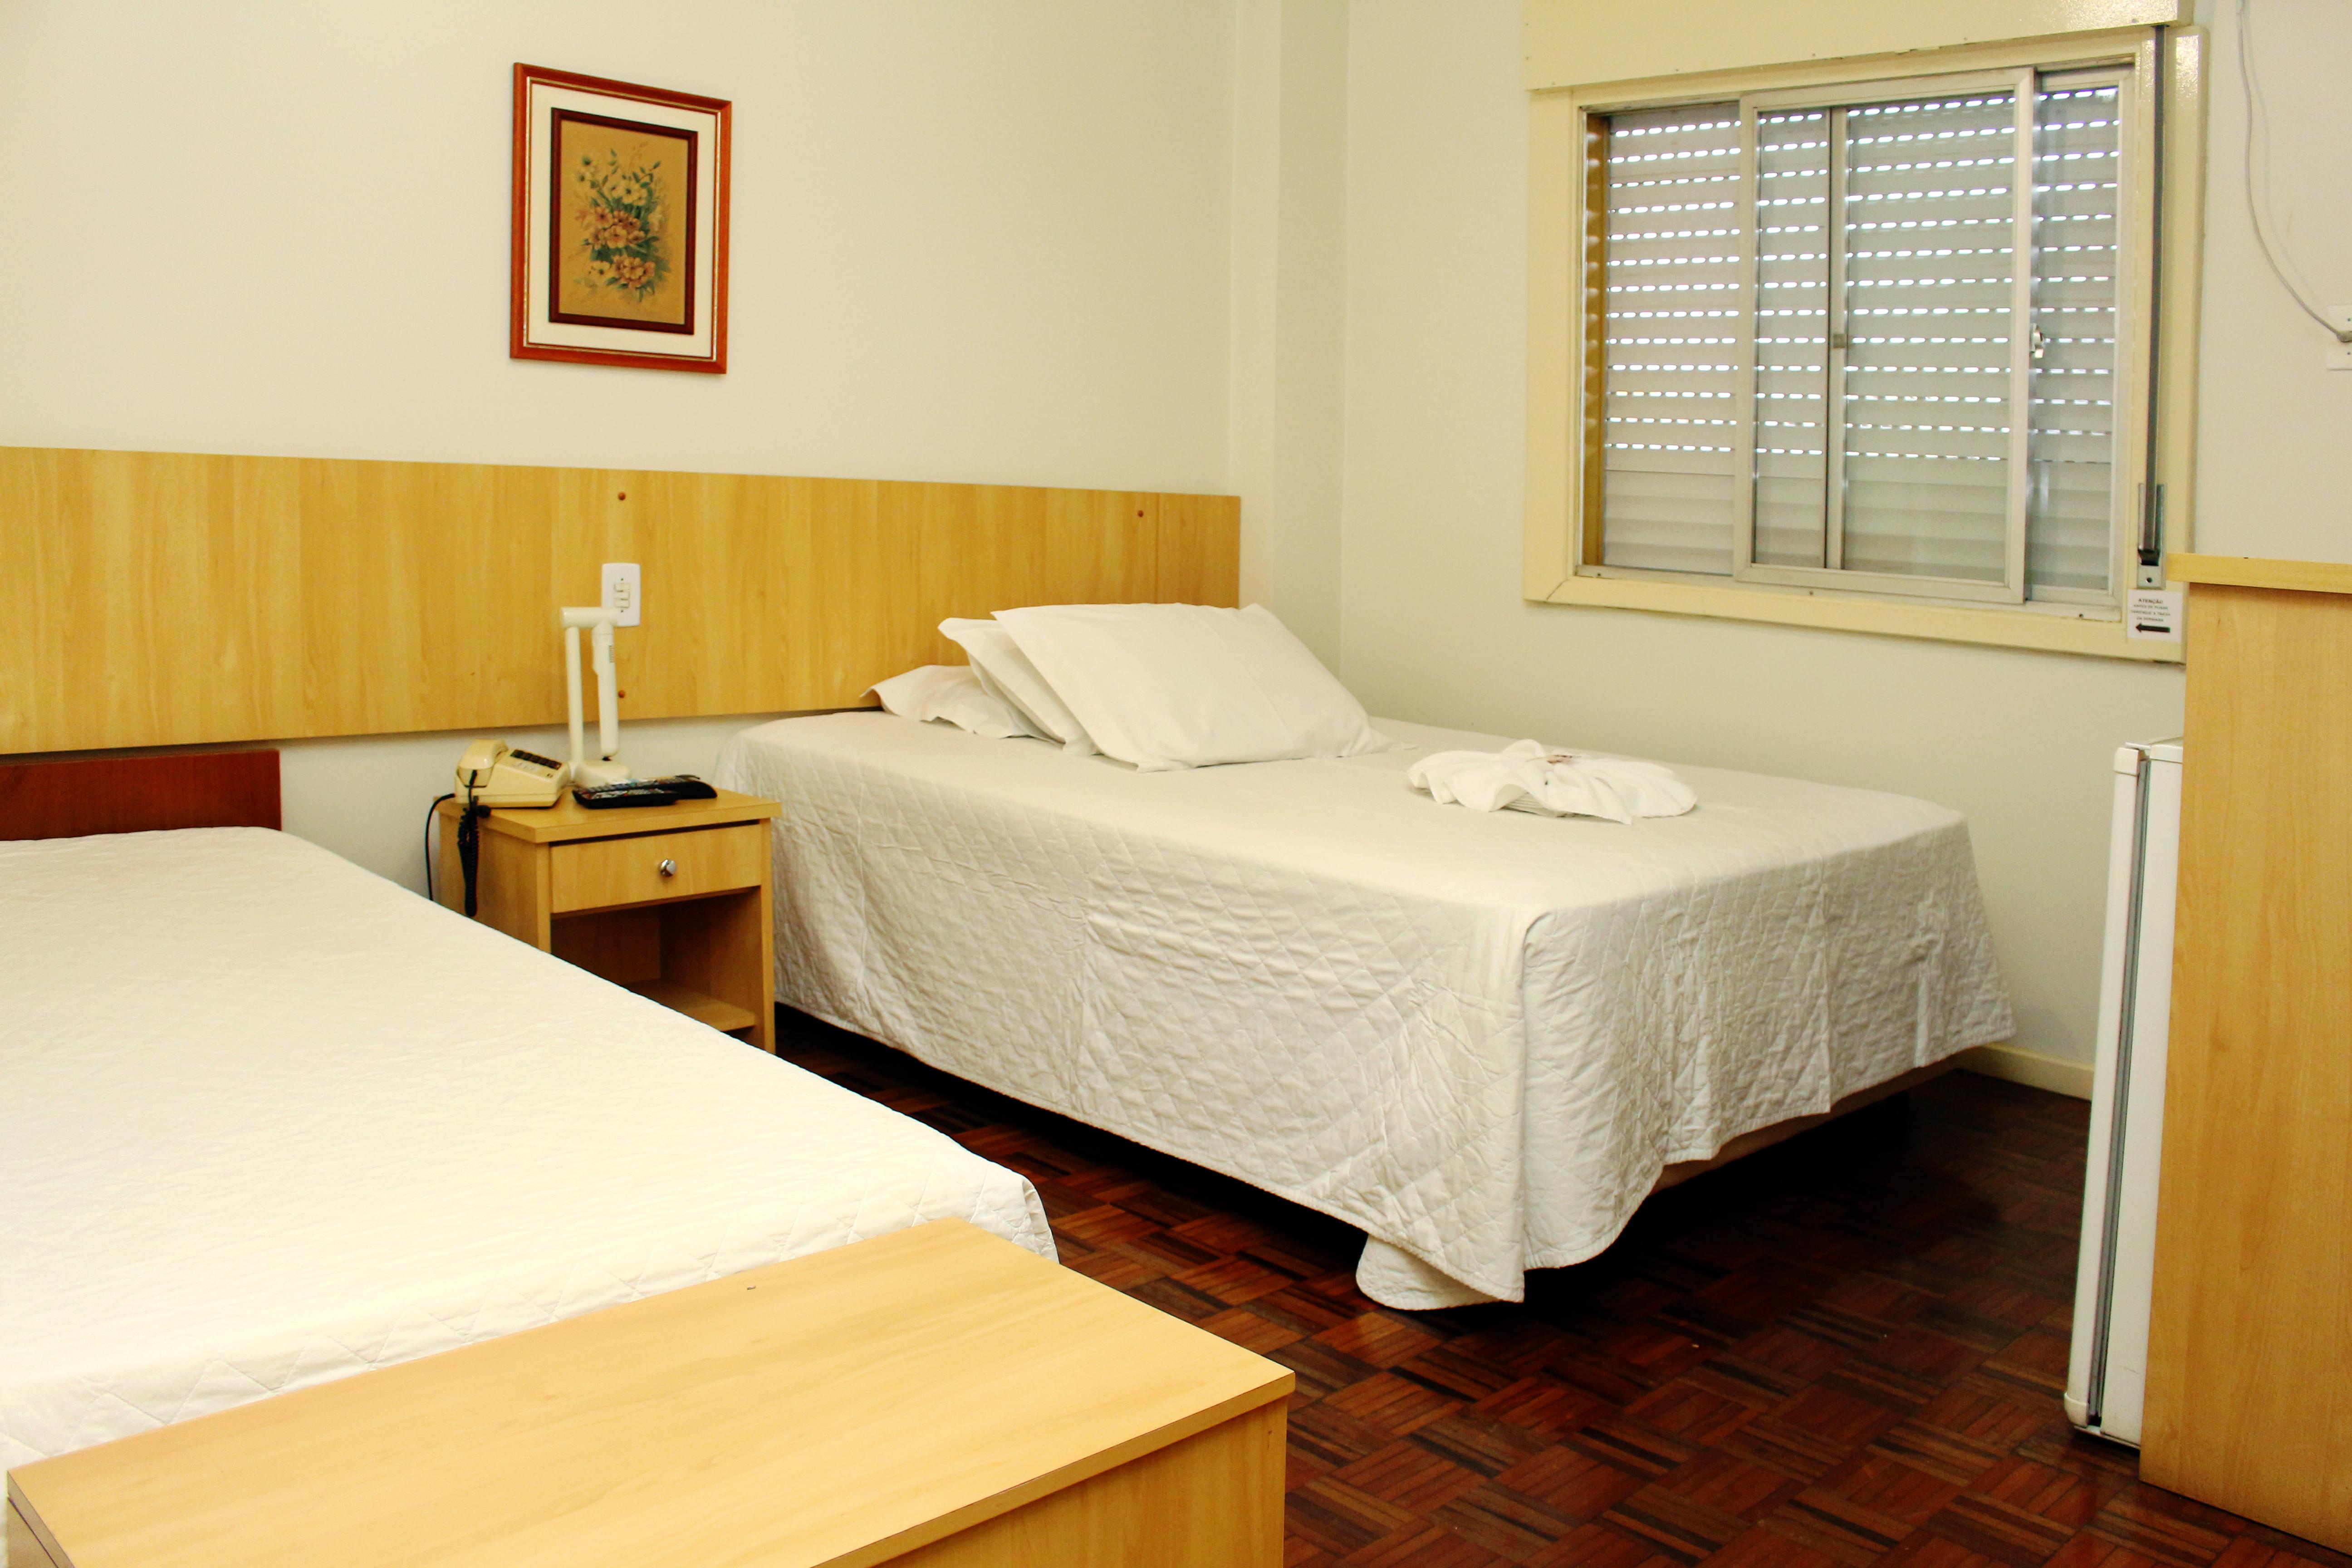 Imagens de #B4410A Reserve o melhor hotel em Criciúma! 5184x3456 px 3030 Box Banheiro Criciuma